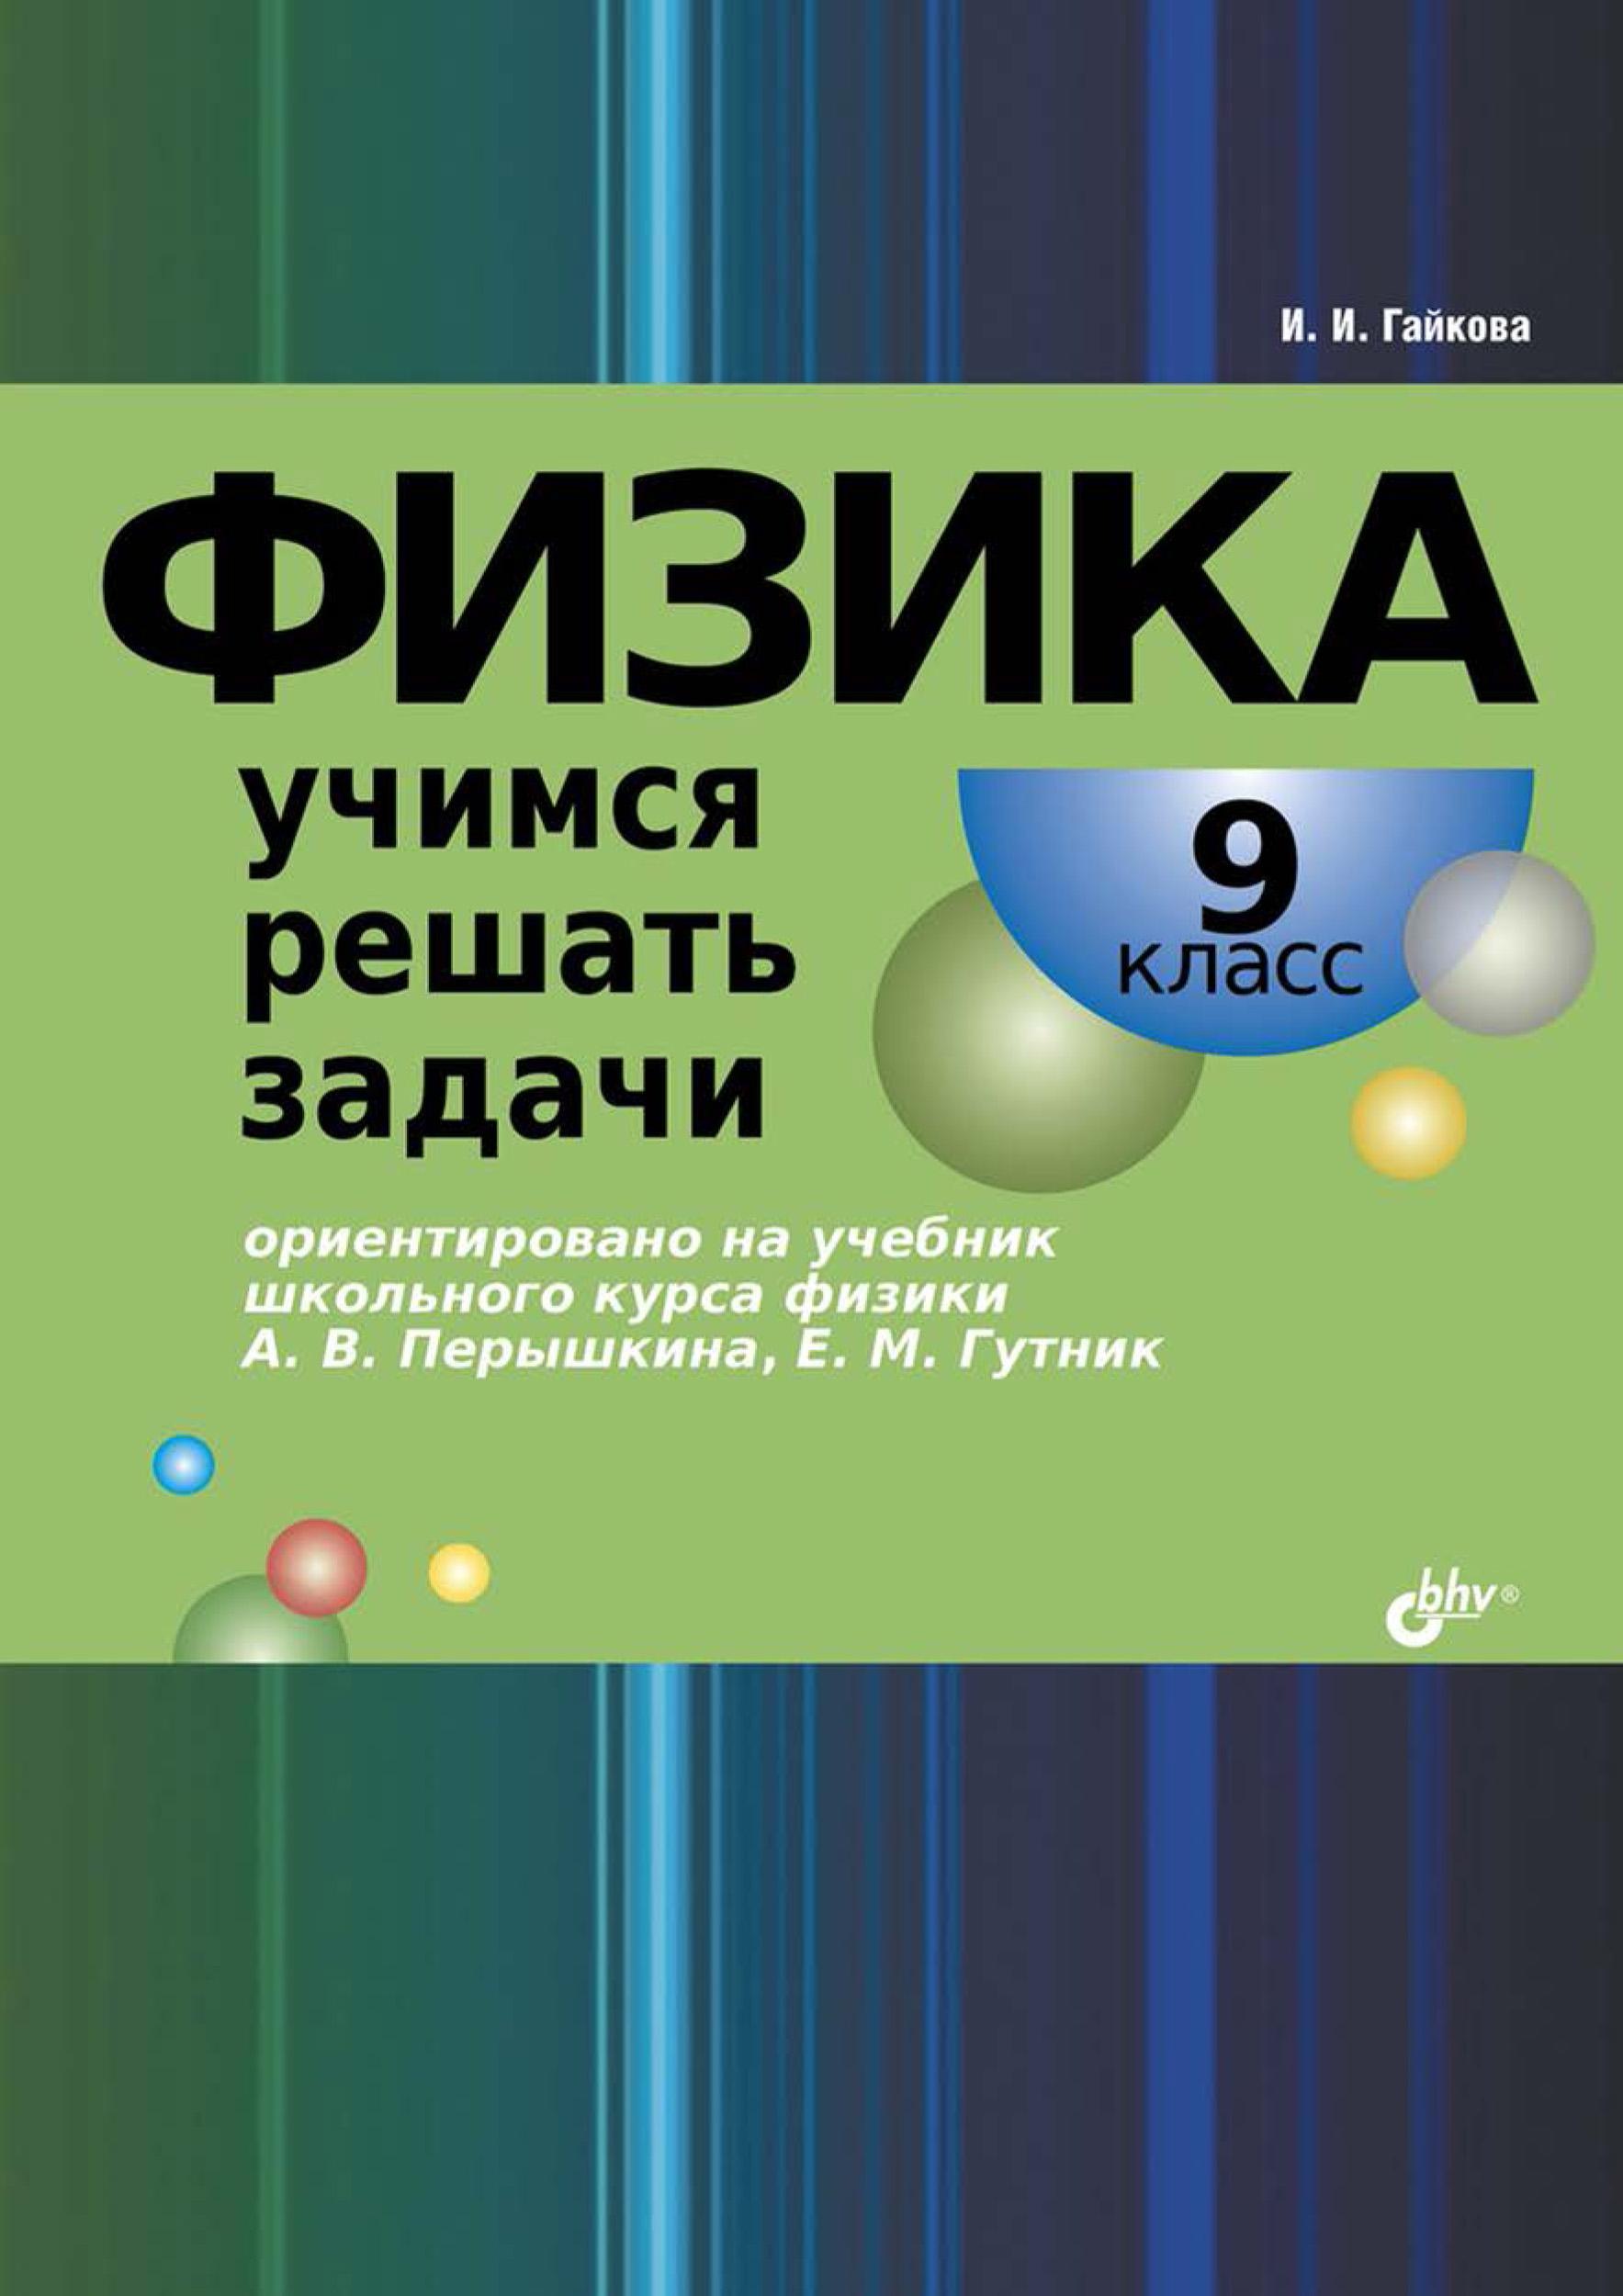 И. И. Гайкова Физика. Учимся решать задачи. 9 класс цена и фото